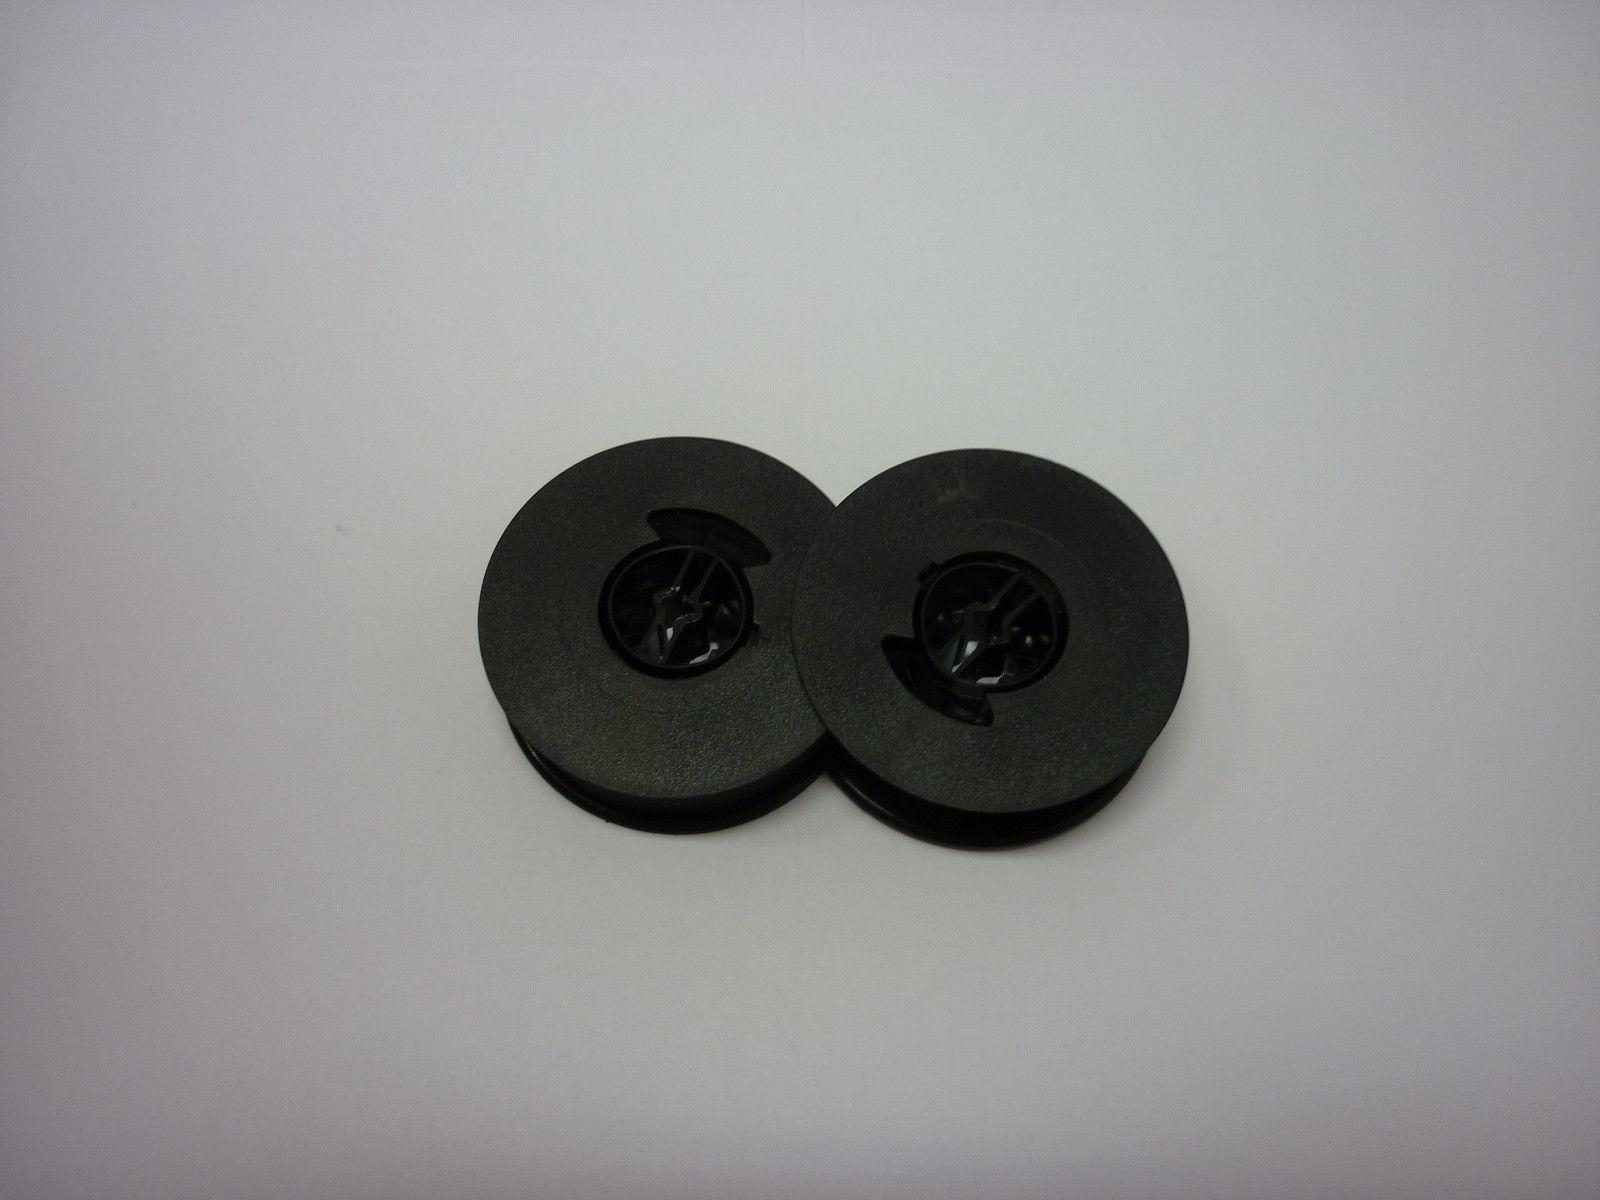 Olivetti Lettera DL Typewriter Ribbon Black Twin Spool